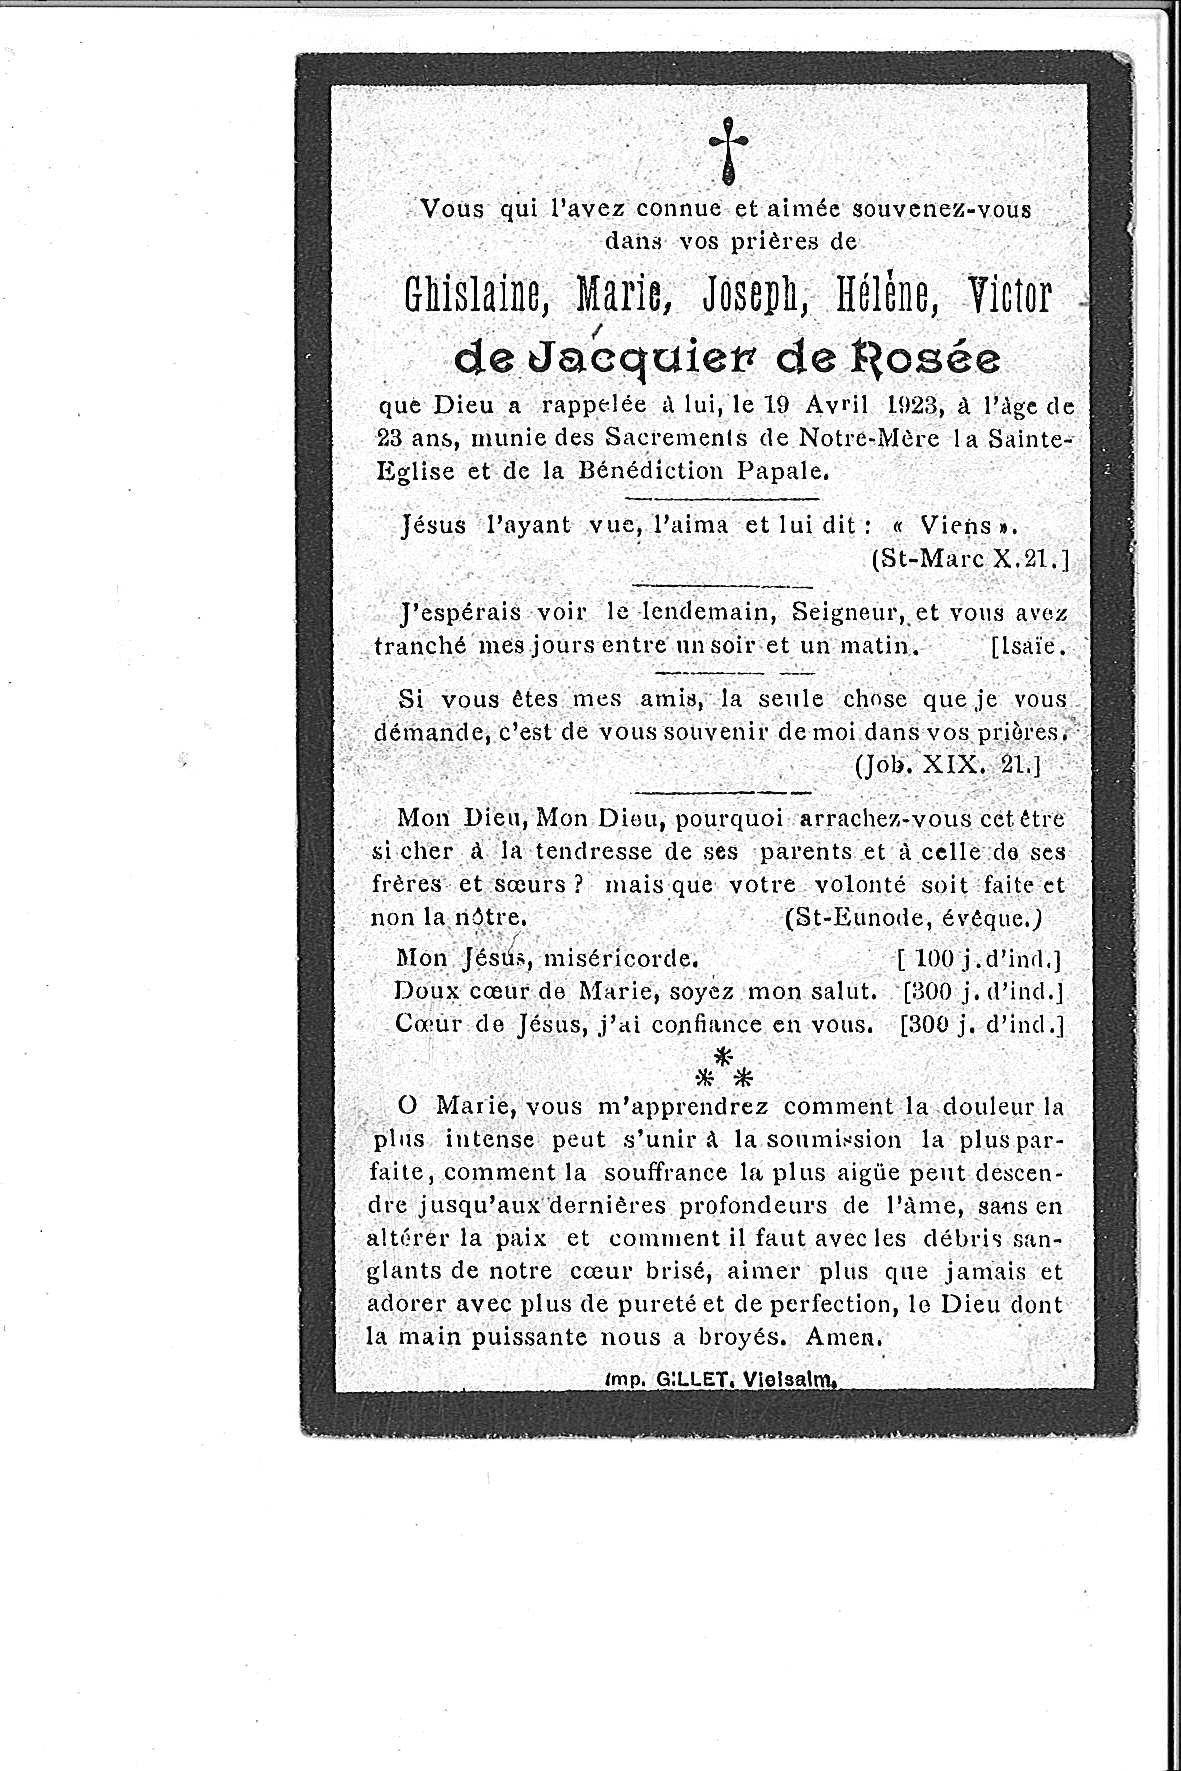 Ghislaine-Marie-Joseph-Hélène-Victor(1923)20150422085139_00010.jpg